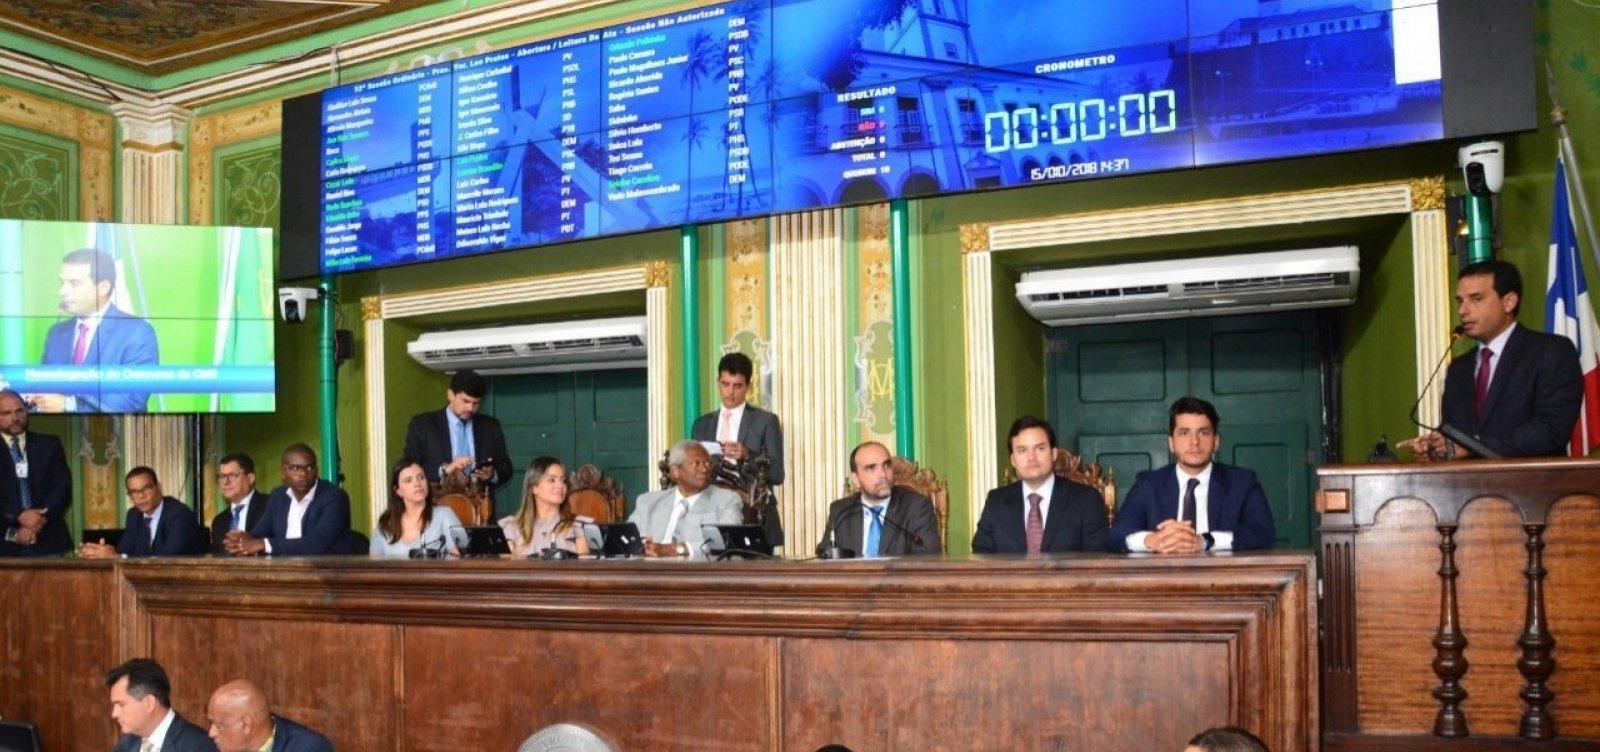 TCM aprova contas da Câmara de Salvador e de mais 17 municípios